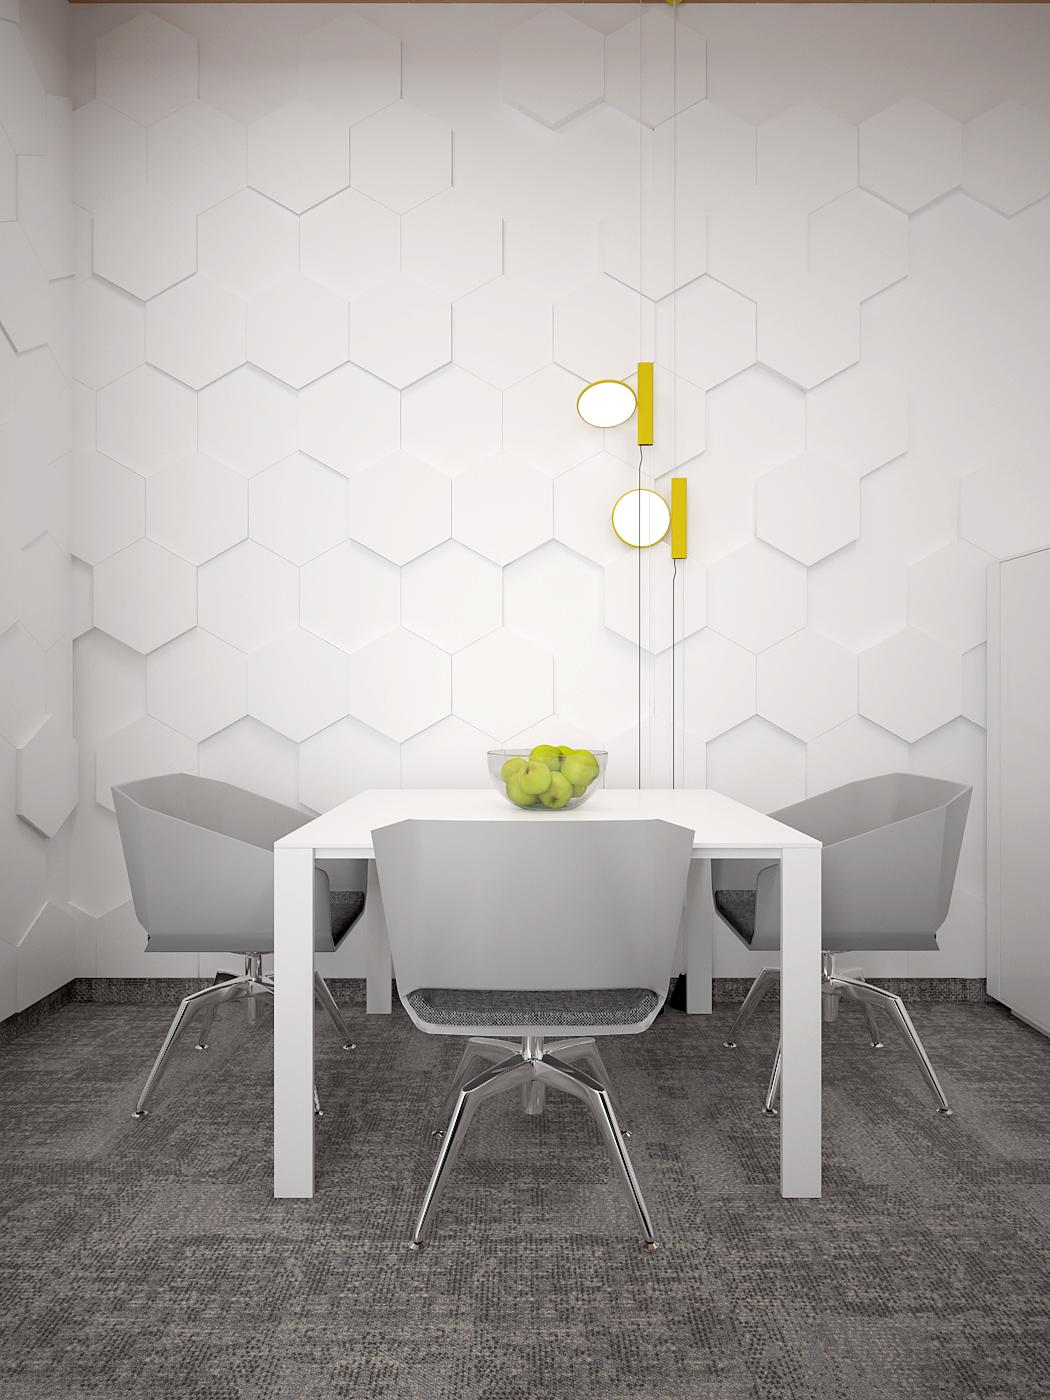 7 aranzacja biura 485 biuro krakow gabinet miejsce spotkan bialy stolik szare krzesla panele 3d szara wykladzina